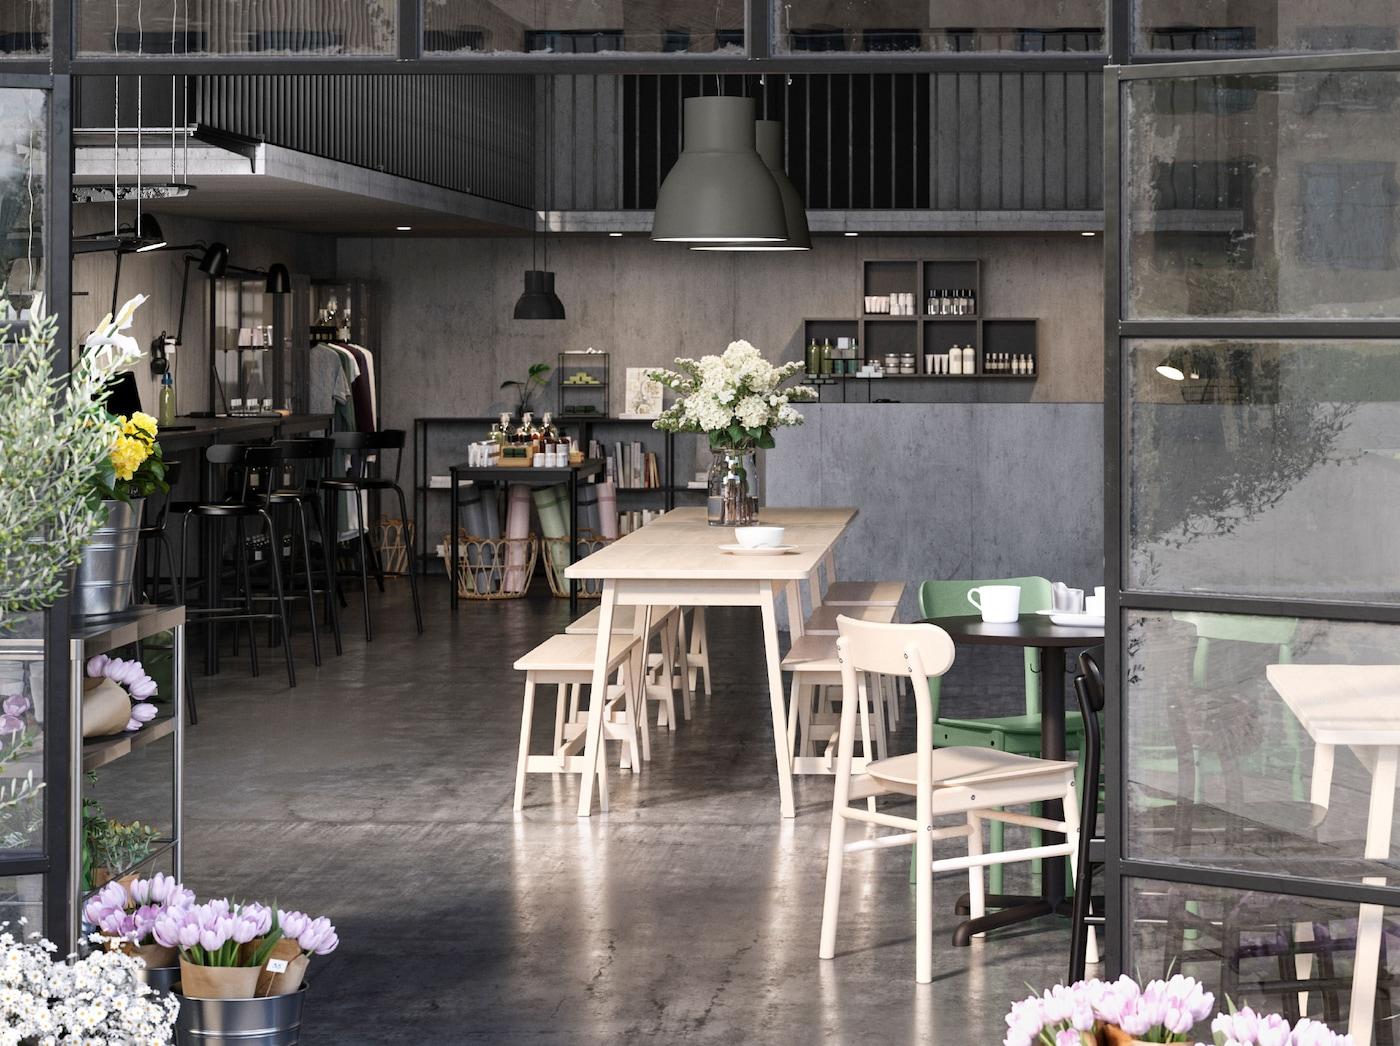 Urządzona na otwartym planie kawiarnia ze sklepem i przestrzenią co-workingową widoczna przez otwarte szklane drzwi. Na stole i przy drzwiach ustawione są kwiaty.